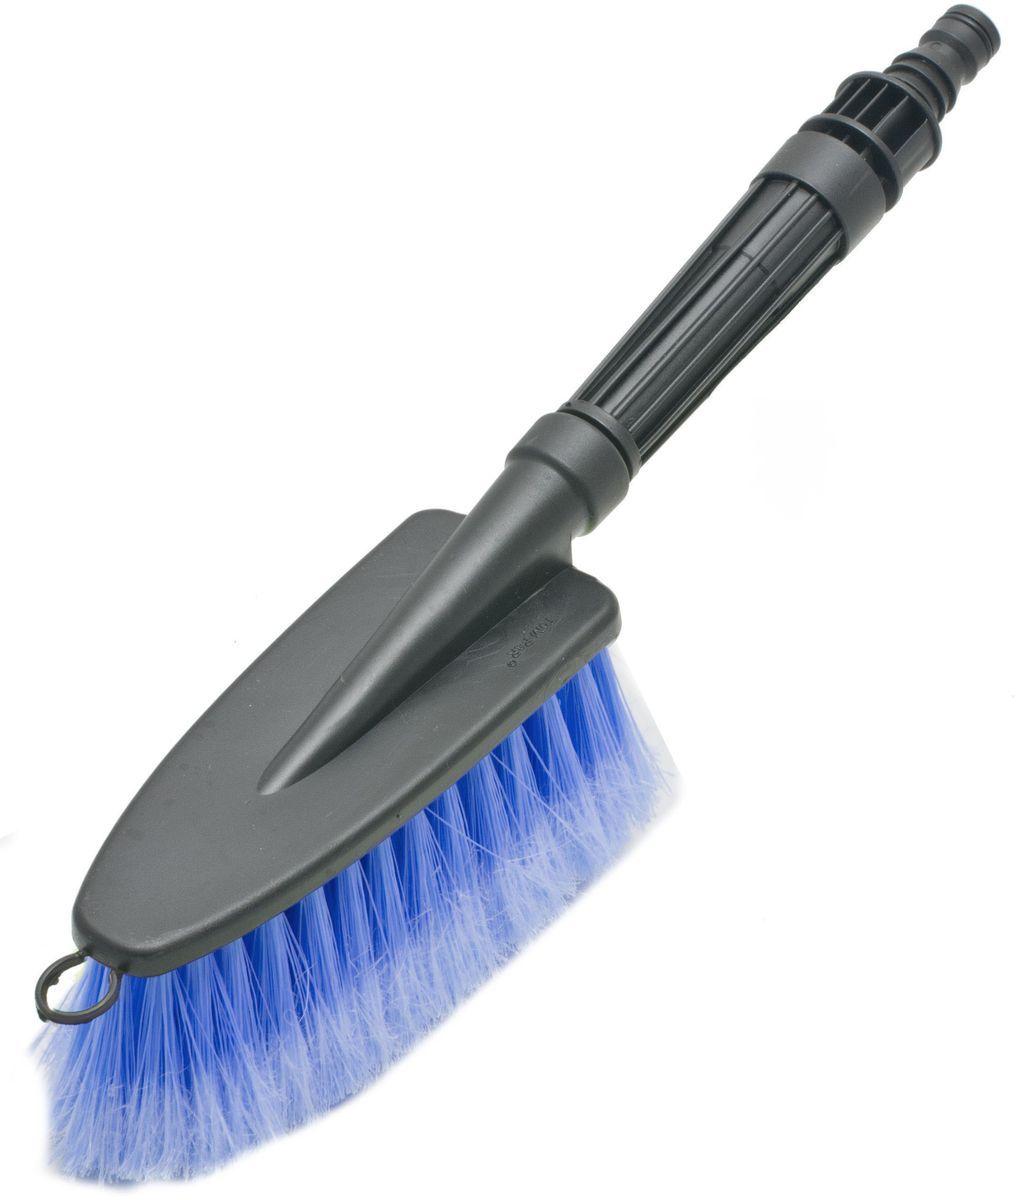 Щетка для мытья под шланг Главдор GL-581, с двойным клапаном, цвет: голубойCA-3505Щетка для мытья с мягкой, распушенной щетиной, изготовлена из прочного пластика. Снабжена адаптером (насадкой) дляподключения к шлангу идвойным клапаном.